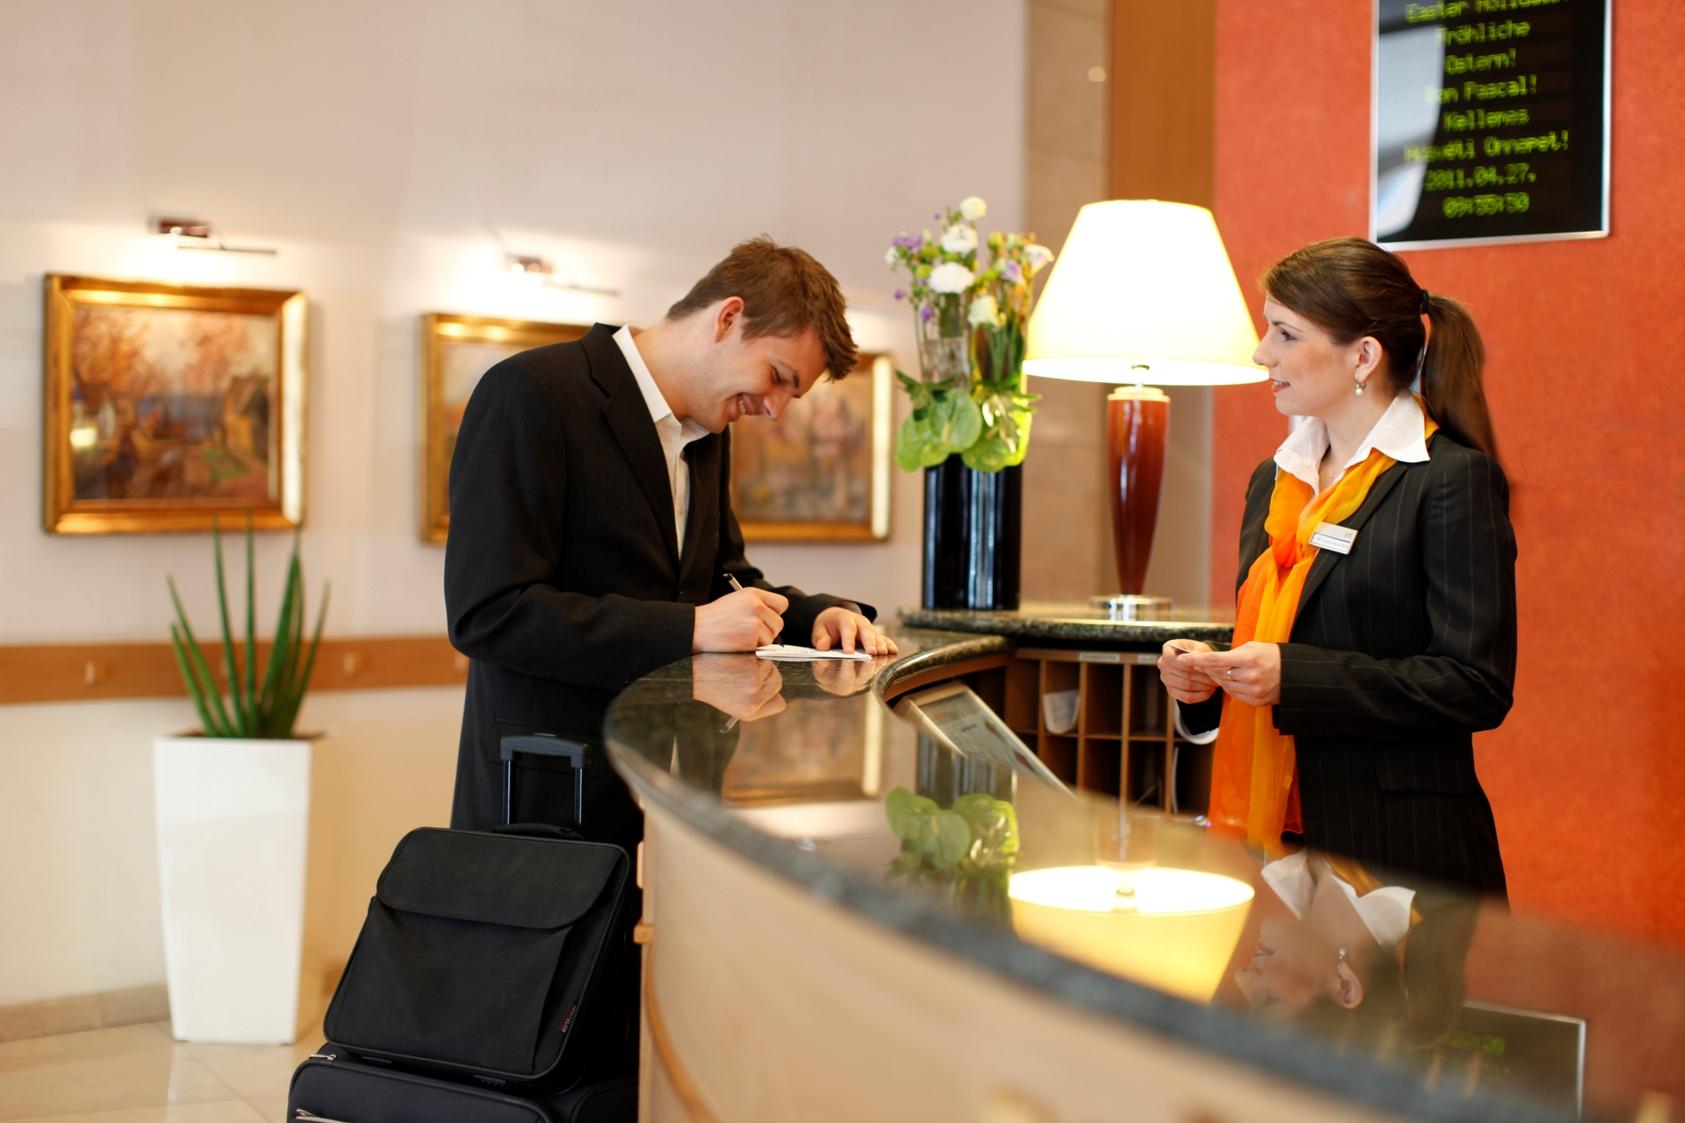 Condizionamento temporaneo per la reception di un hotel